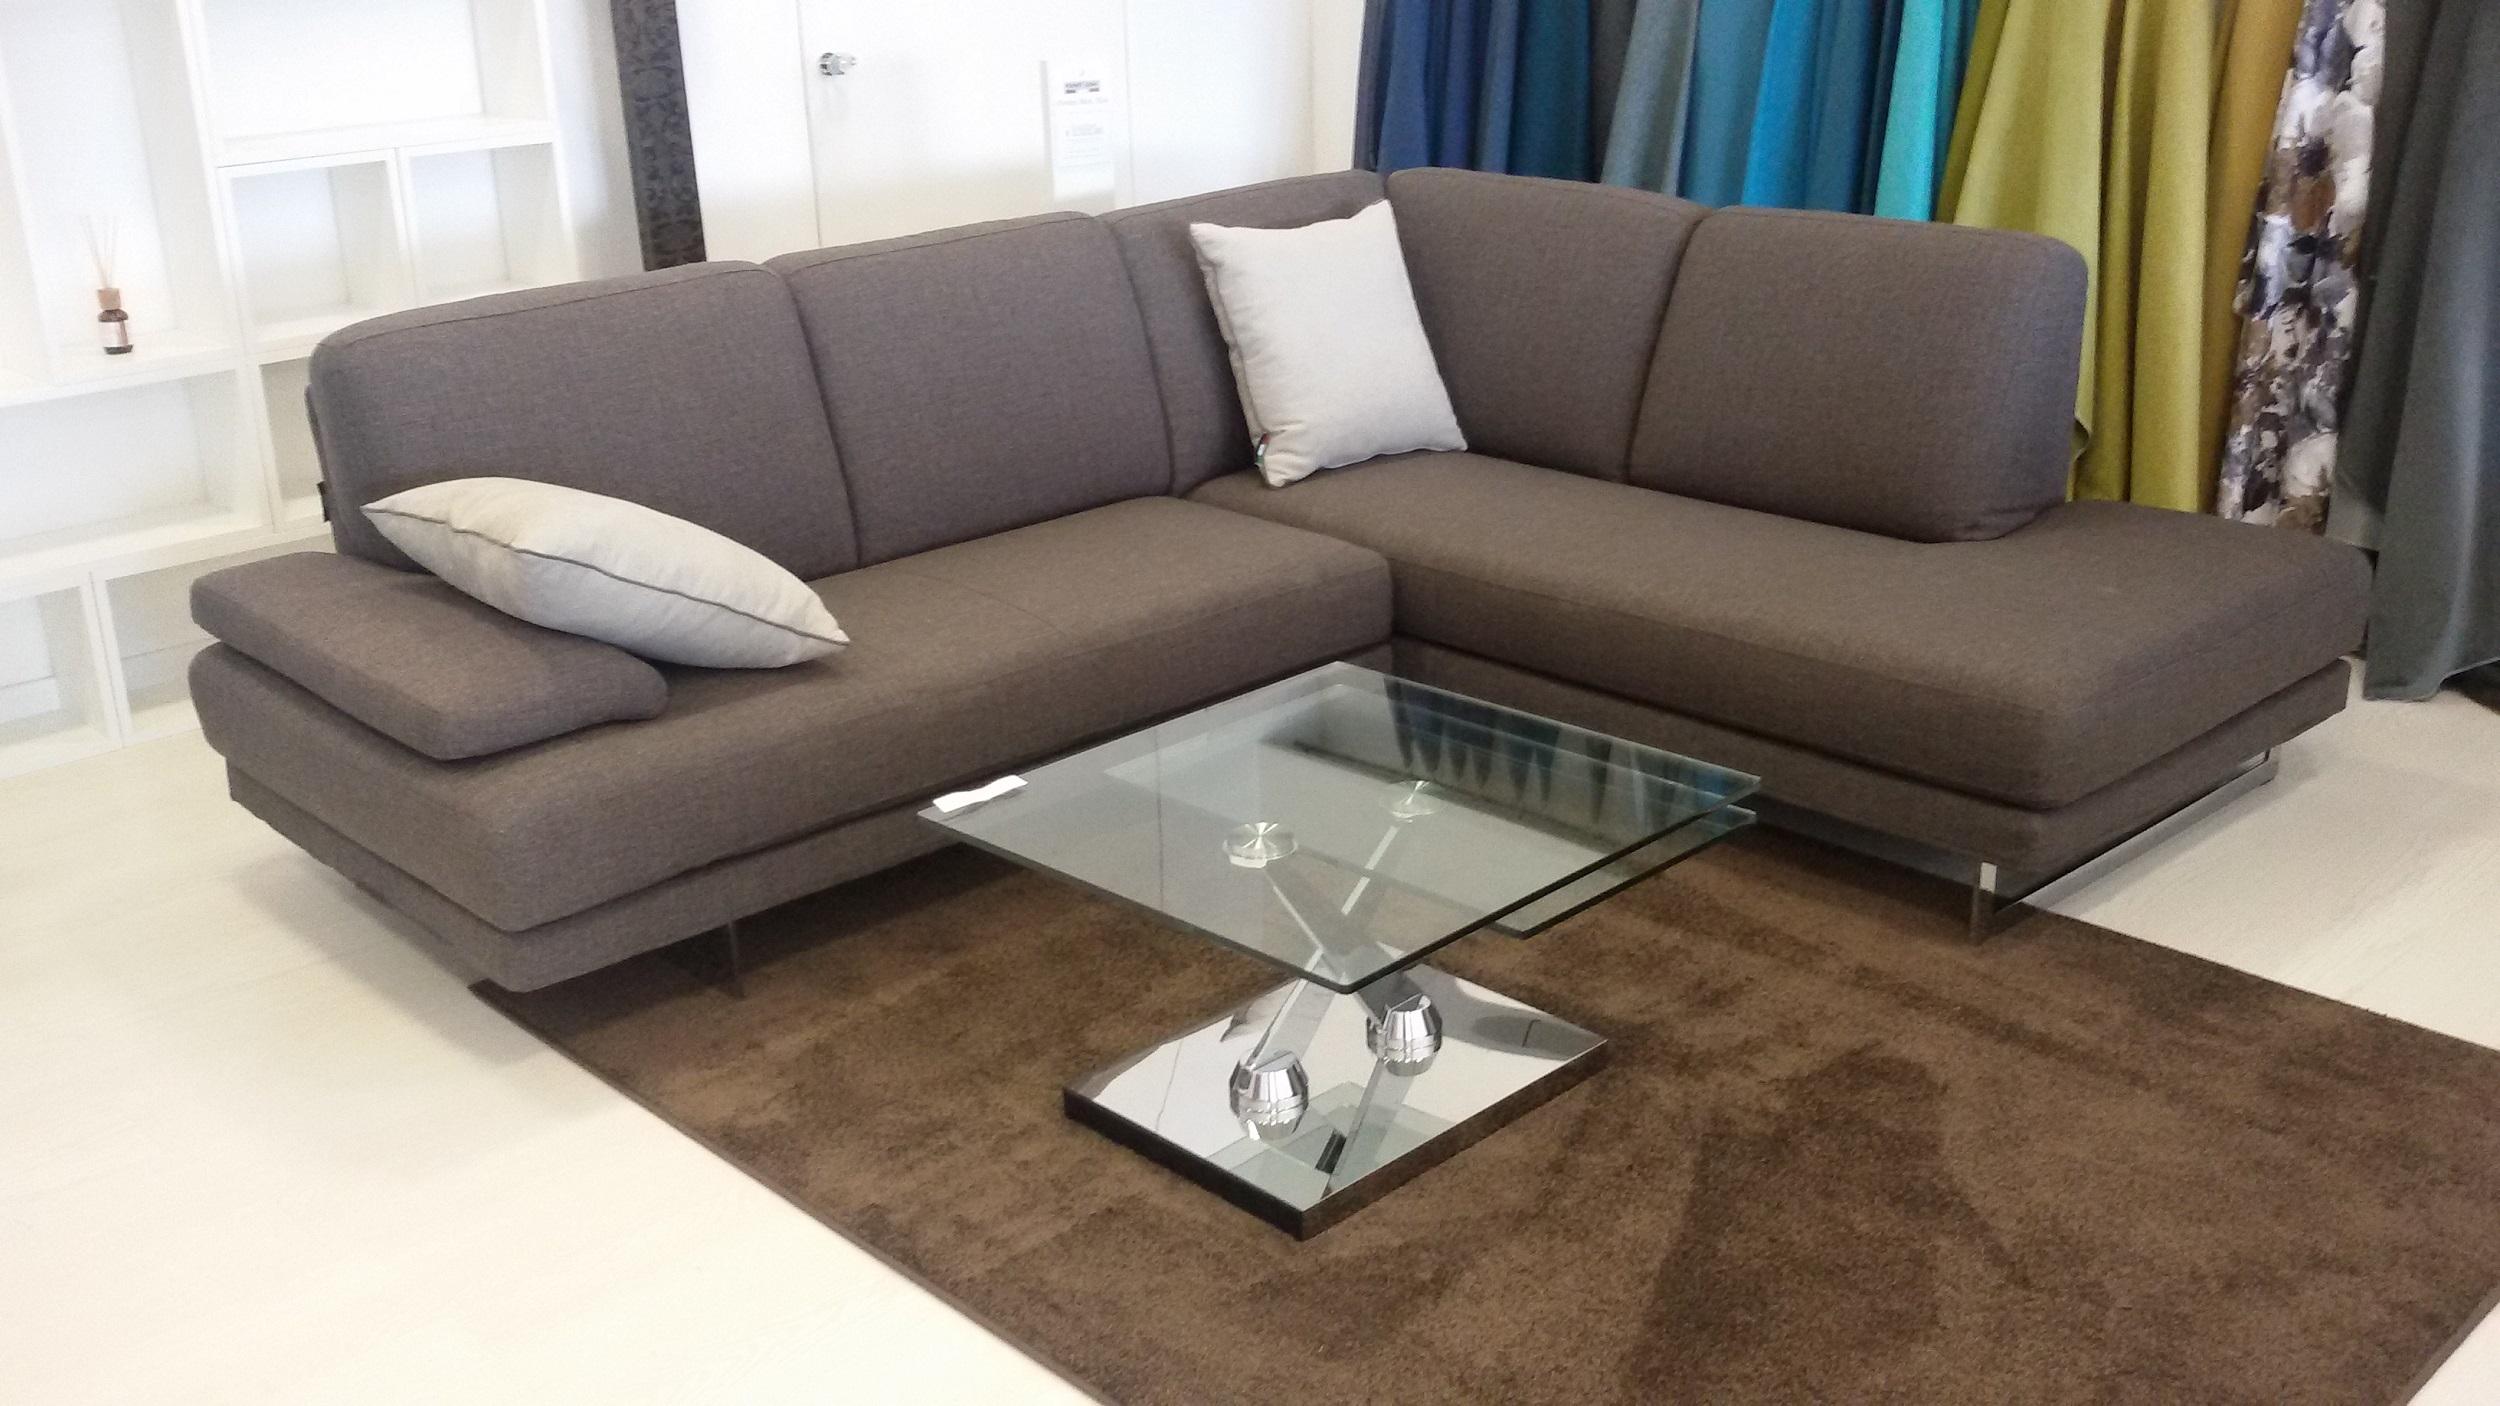 Divano angolare in tessuto divani a prezzi scontati for Divani componibili prezzi